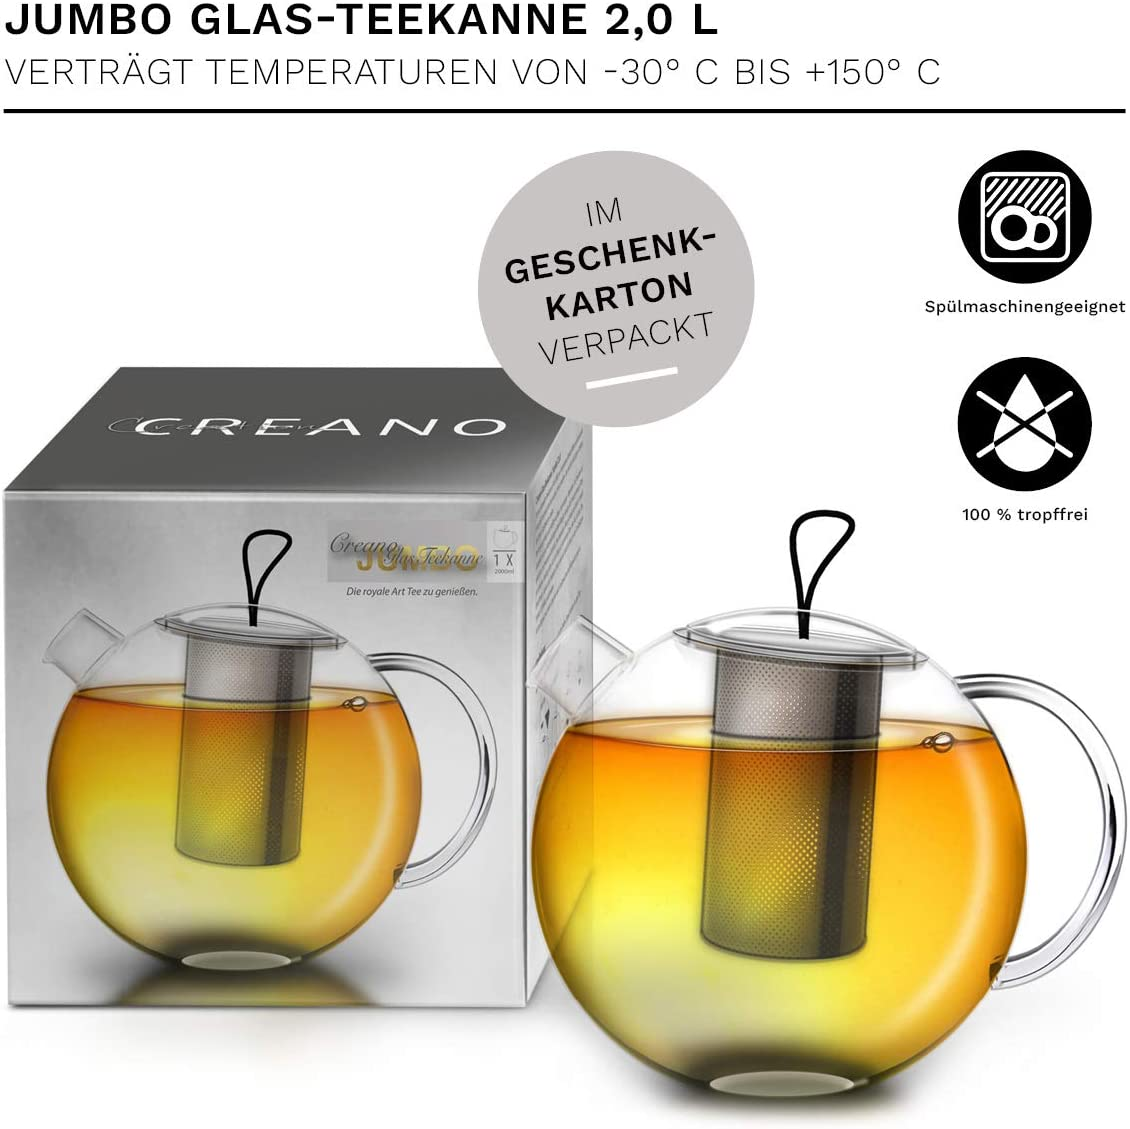 Tetera de Vidrio en 3 Piezas en un Juego de Tetera con Filtro Integrado de Acero Inoxidable y Tapa de Vidrio 1,0L Creano Tetera Jumbo